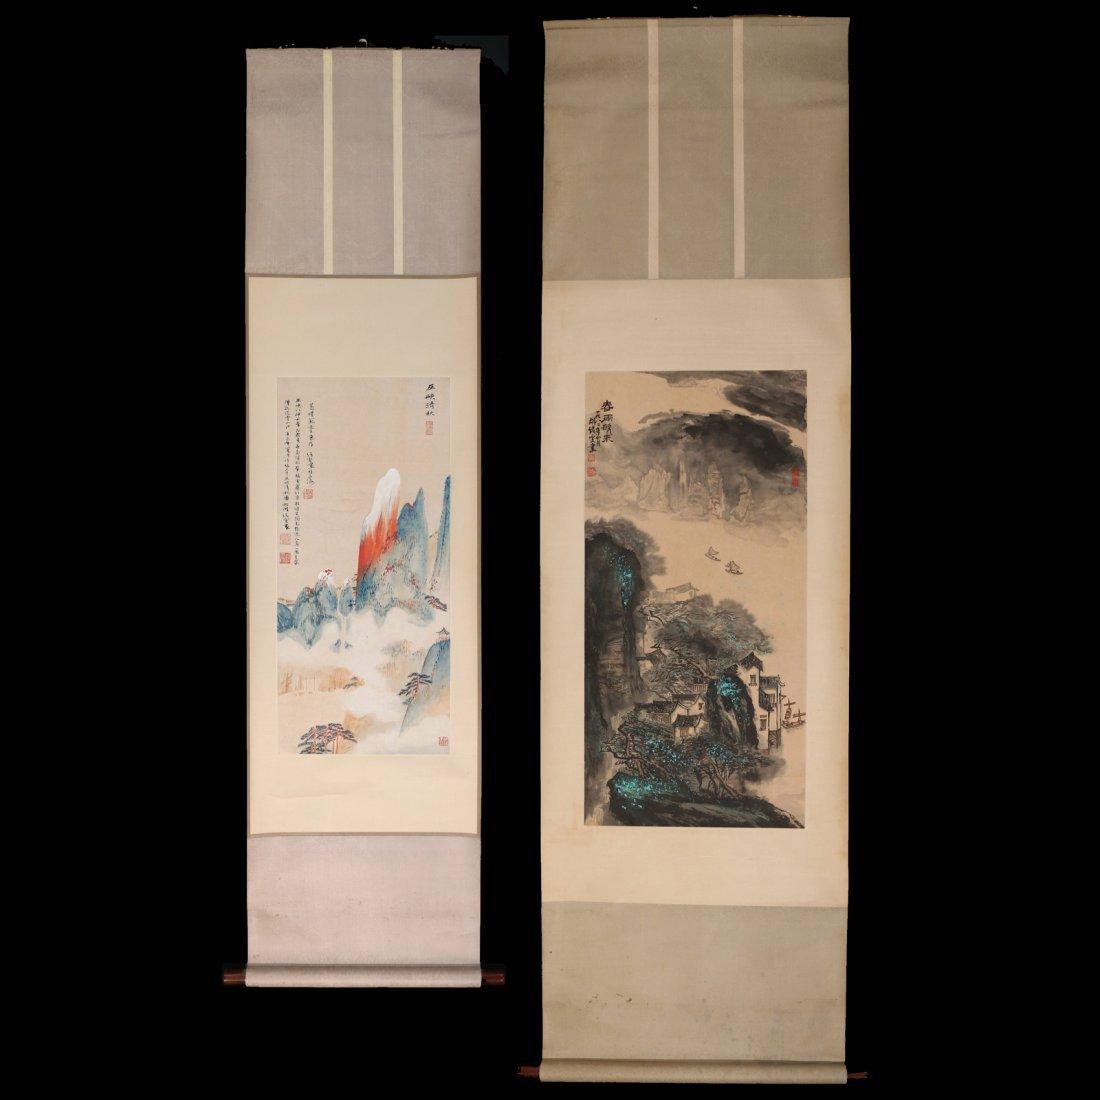 (2pc) HU XUWEN (Chinese, 1960-) HANGING SCROLLS